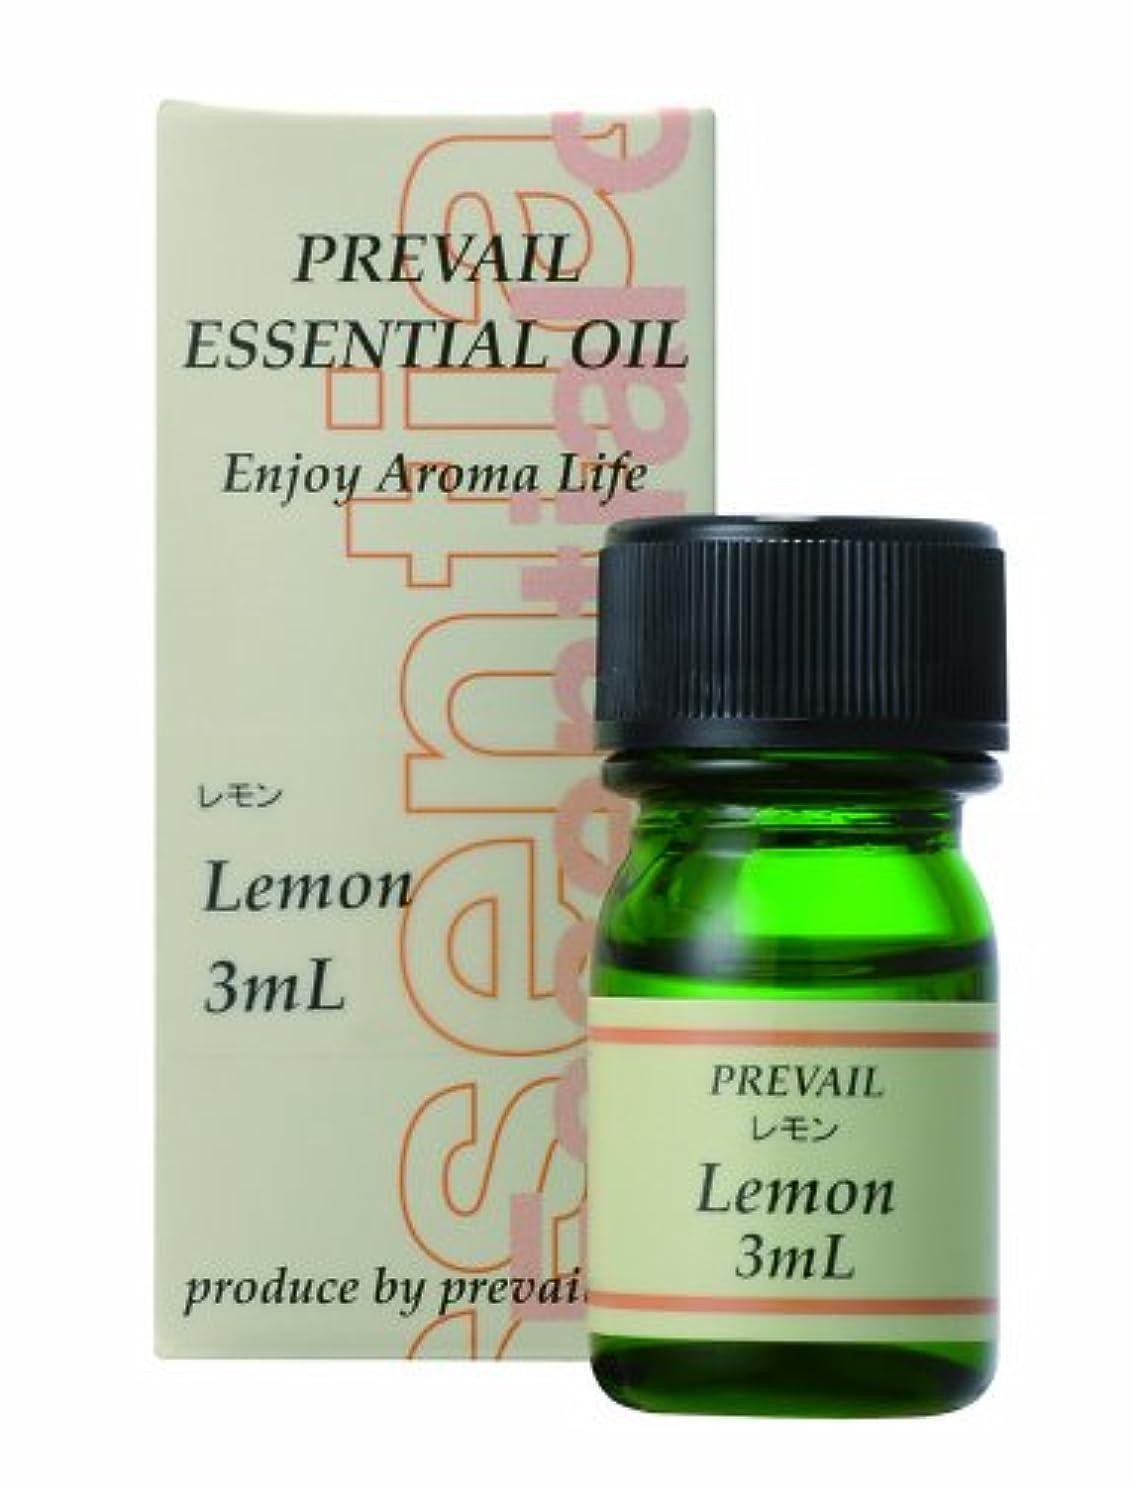 懸念基準発表デイリーアロマ レモン 3mL